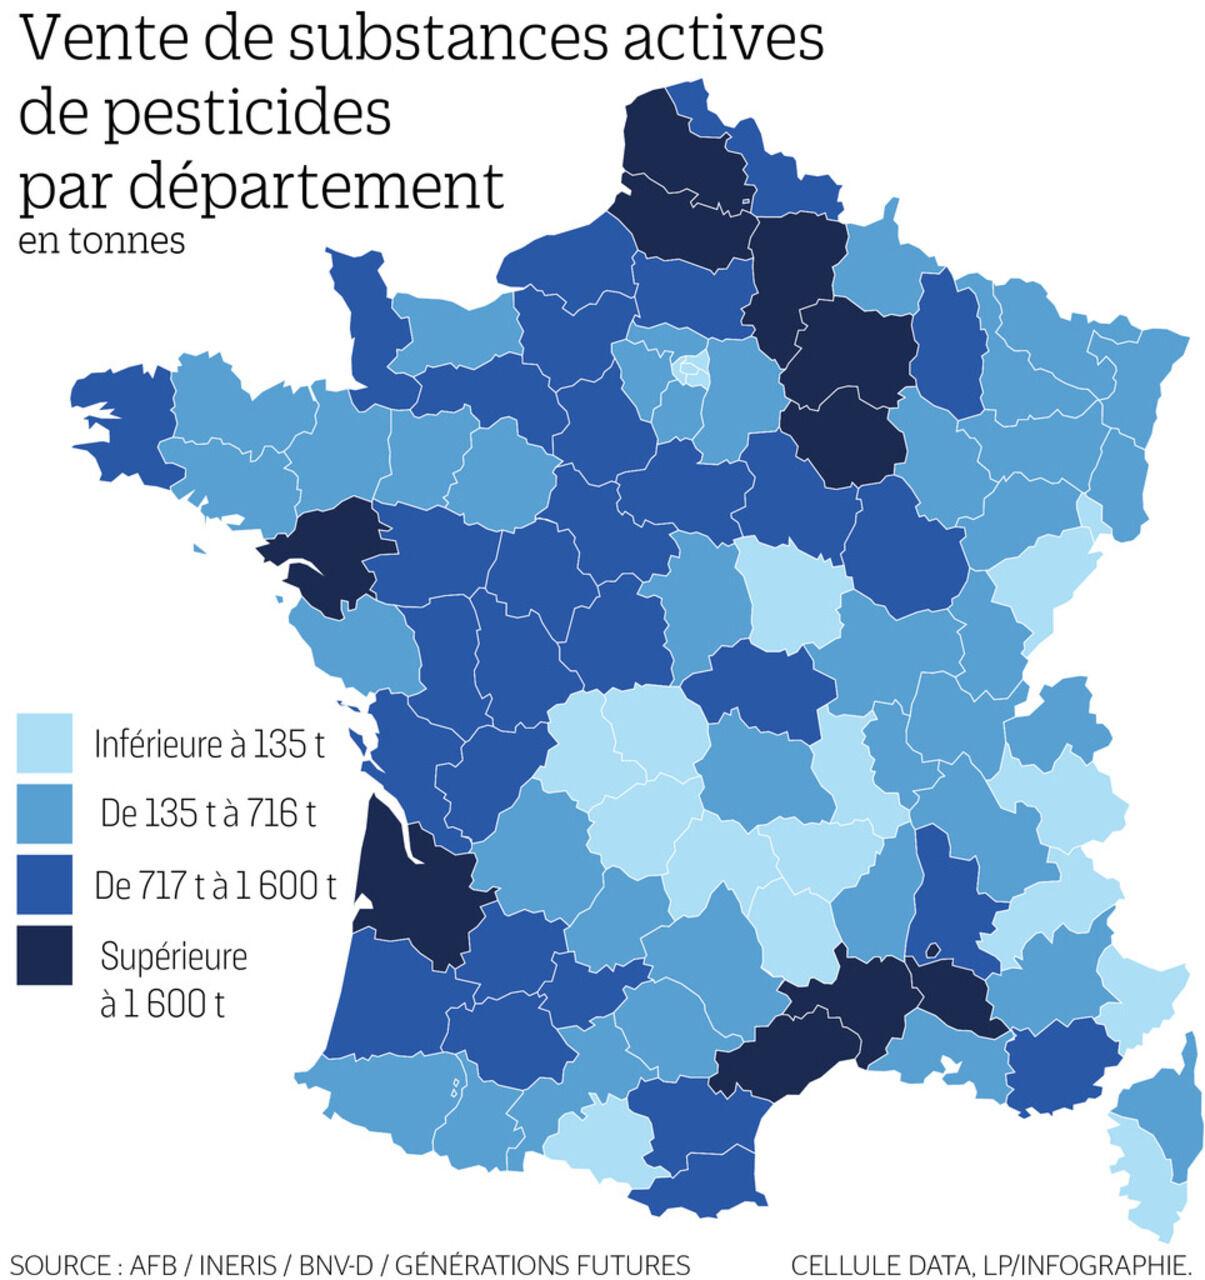 La Carte De France Des Departements Les Plus Consommateurs De Pesticides Le Parisien